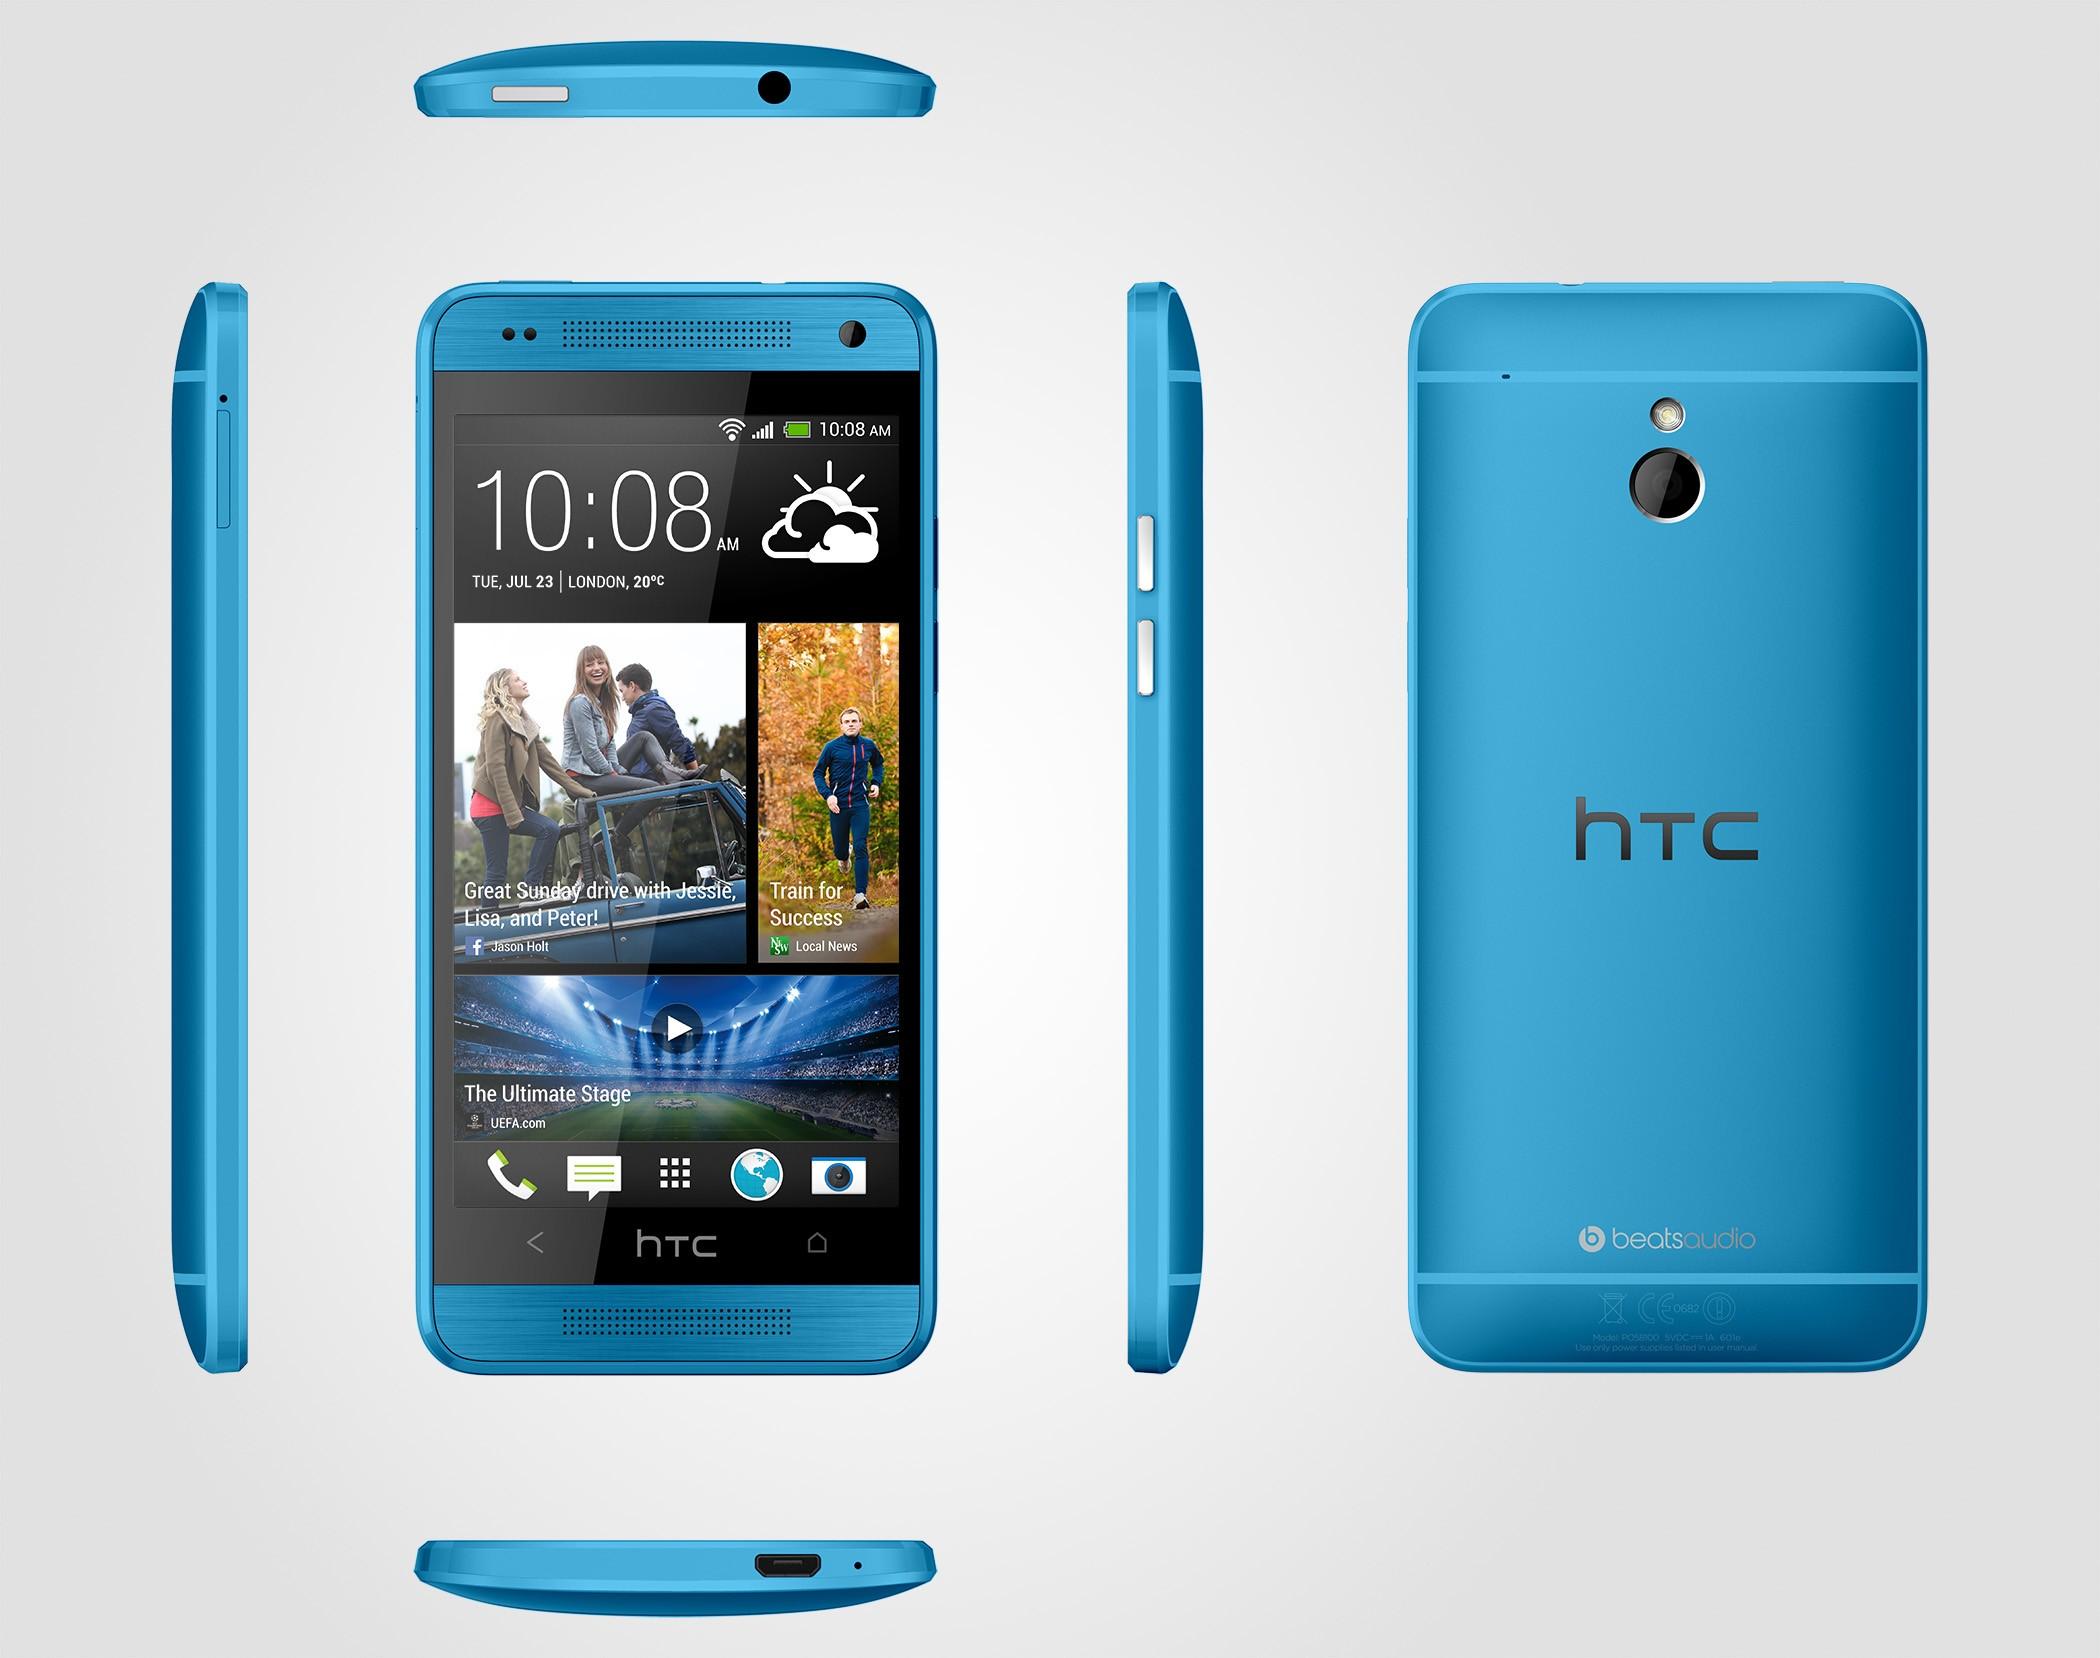 Aggiornamento HTC One M7 Mini: anche lui riceverà lollipop 5.0